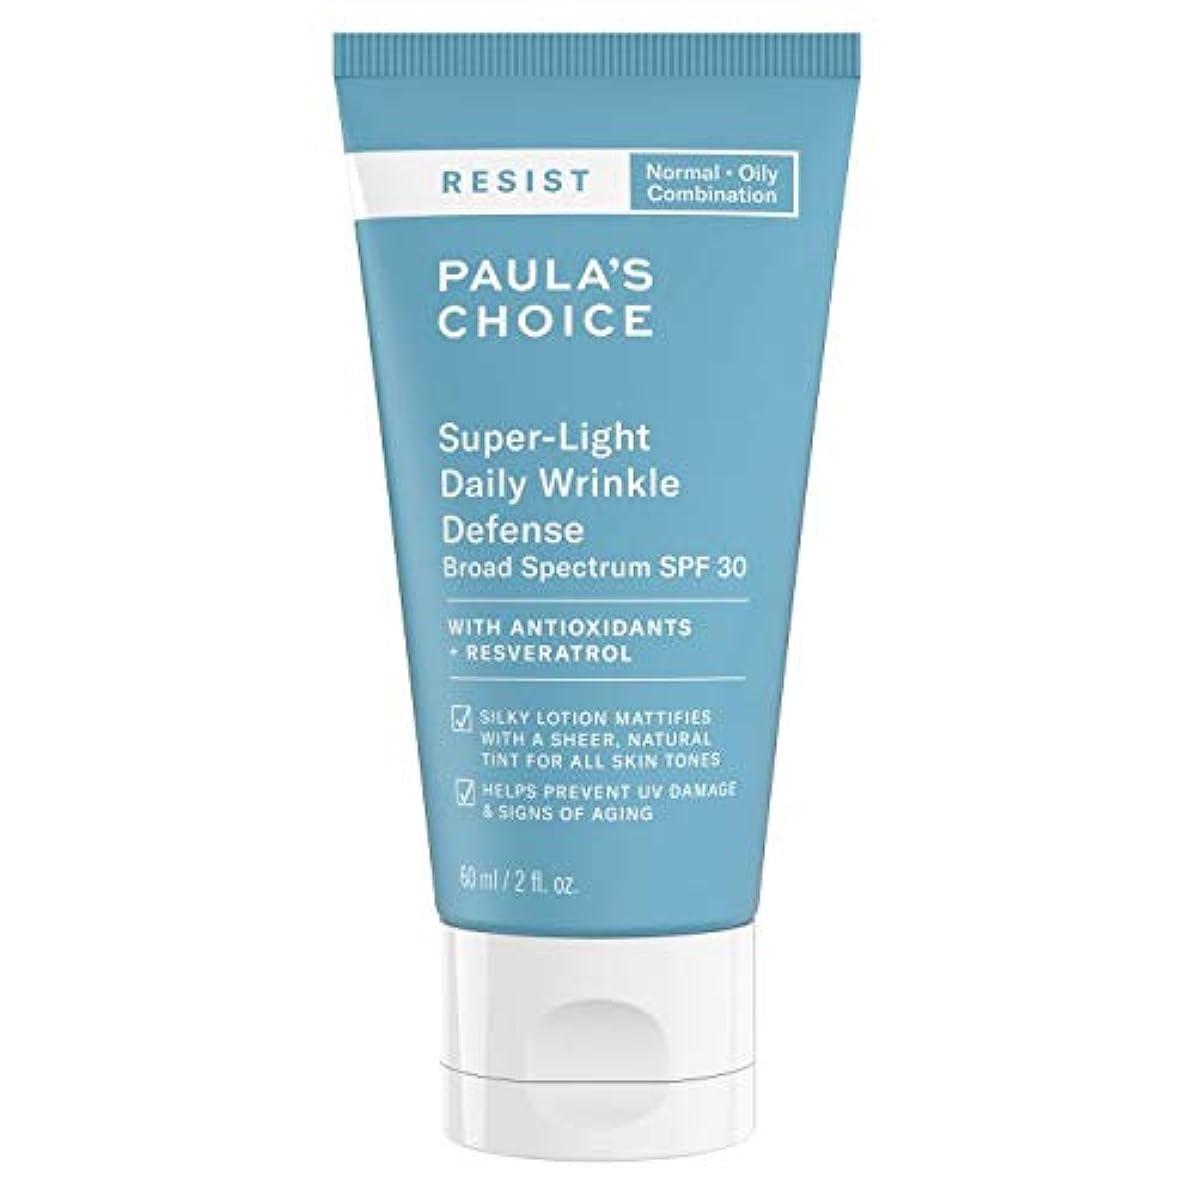 筋トレイ誤解させるポーラチョイス レジスト スーパーライト 毎日のしわの防衛 サンスクリーン (60ml) SPF30 / Paula's Choice Resist Super-Light Daily Wrinkle Defense Sunscreen